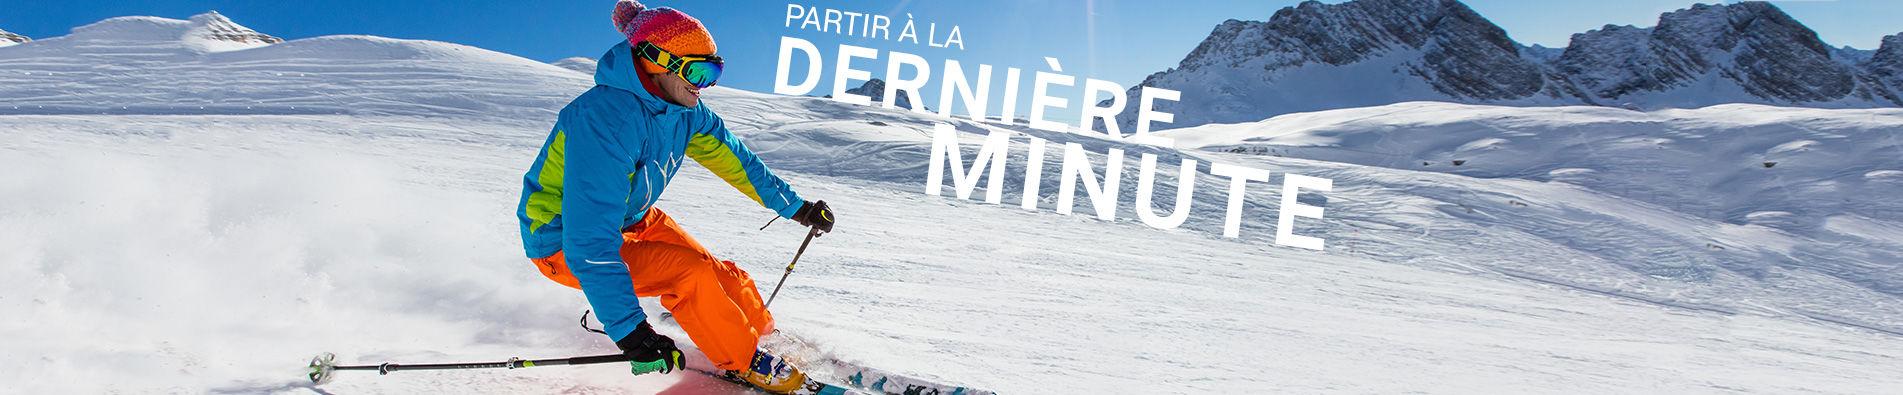 vacances au ski pas cher Dernière minute ski